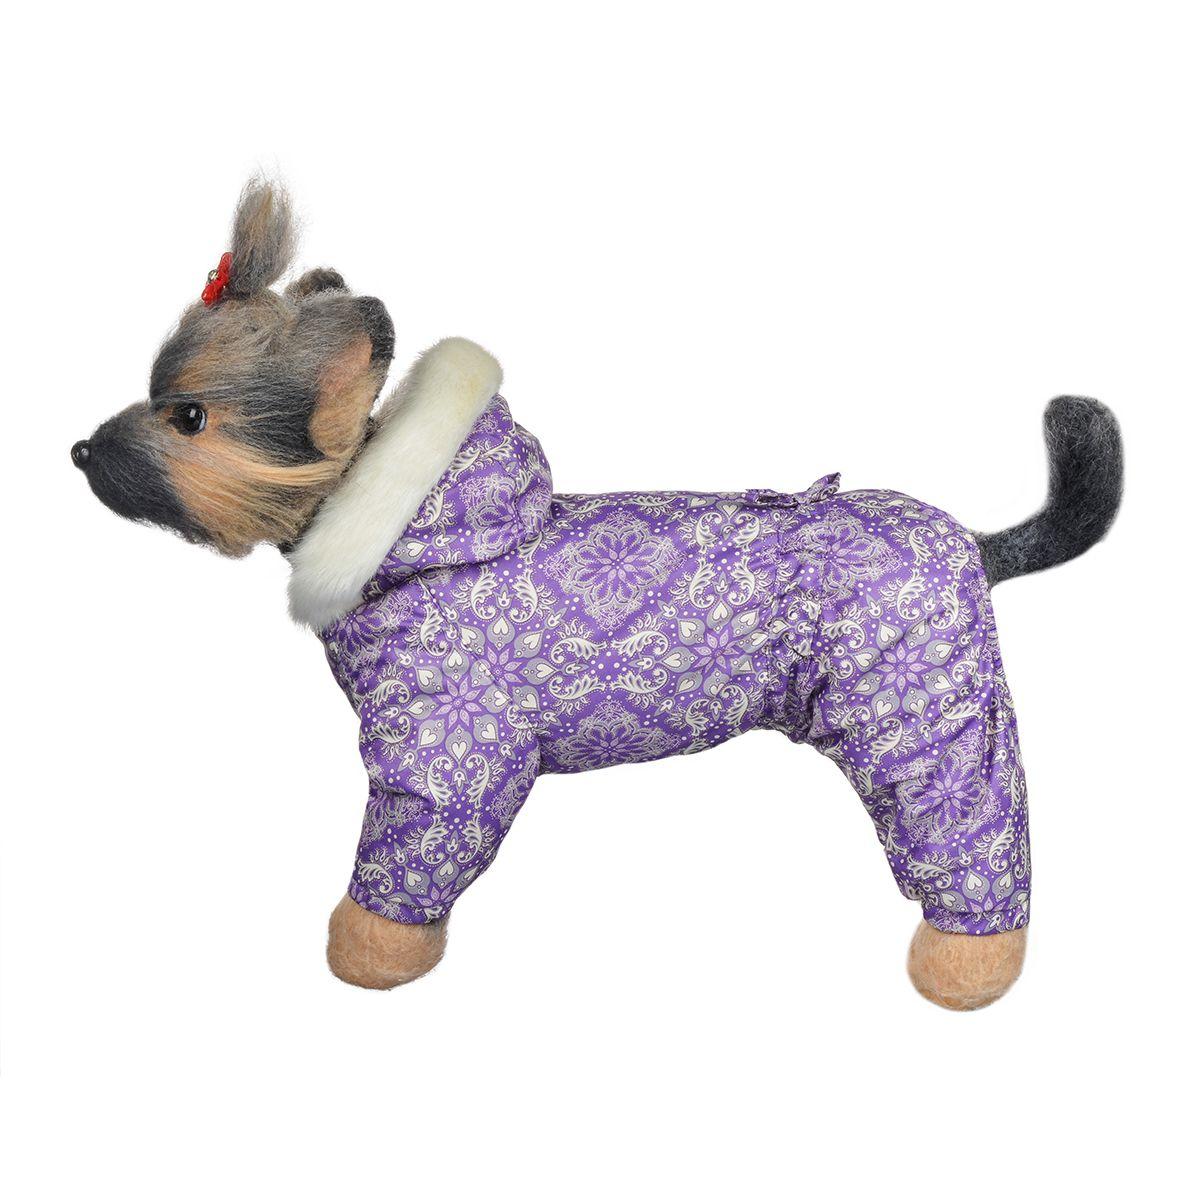 Комбинезон для собак Dogmoda Winter, зимний, для девочки, цвет: фиолетовый, белый, серый. Размер 4 (XL)0120710Зимний комбинезон для собак Dogmoda Winter отлично подойдет для прогулок в зимнее время года. Комбинезон изготовлен из полиэстера, защищающего от ветра и снега, с утеплителем из синтепона, который сохранит тепло даже в сильные морозы, а на подкладке используется искусственный мех, который обеспечивает отличный воздухообмен. Комбинезон с капюшоном застегивается на кнопки, благодаря чему его легко надевать и снимать. Капюшон украшен искусственным мехом и не отстегивается. Низ рукавов и брючин оснащен внутренними резинками, которые мягко обхватывают лапки, не позволяя просачиваться холодному воздуху. На пояснице комбинезон затягивается на шнурок-кулиску.Благодаря такому комбинезону простуда не грозит вашему питомцу.